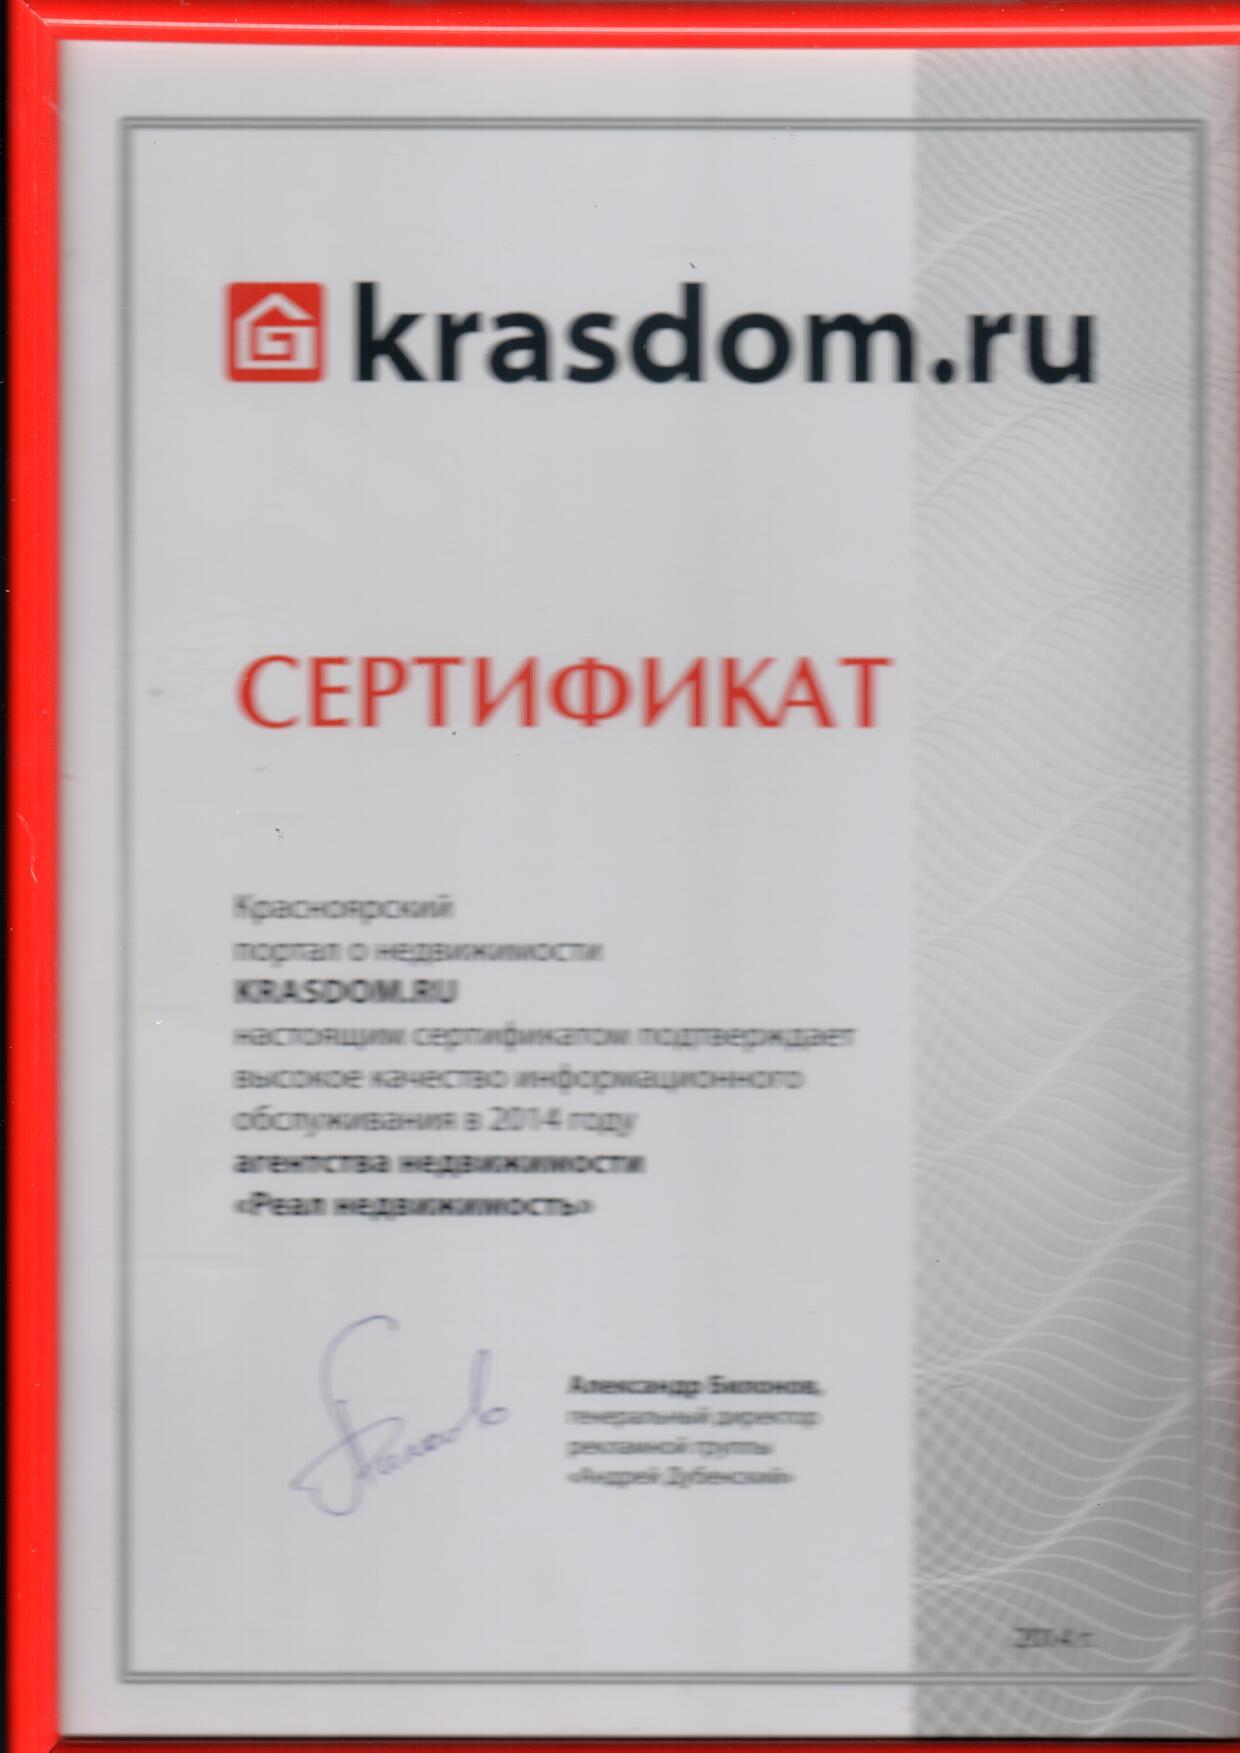 Сертификат krasdom.ru за высокое качество информационного обслуживания в 2014 году